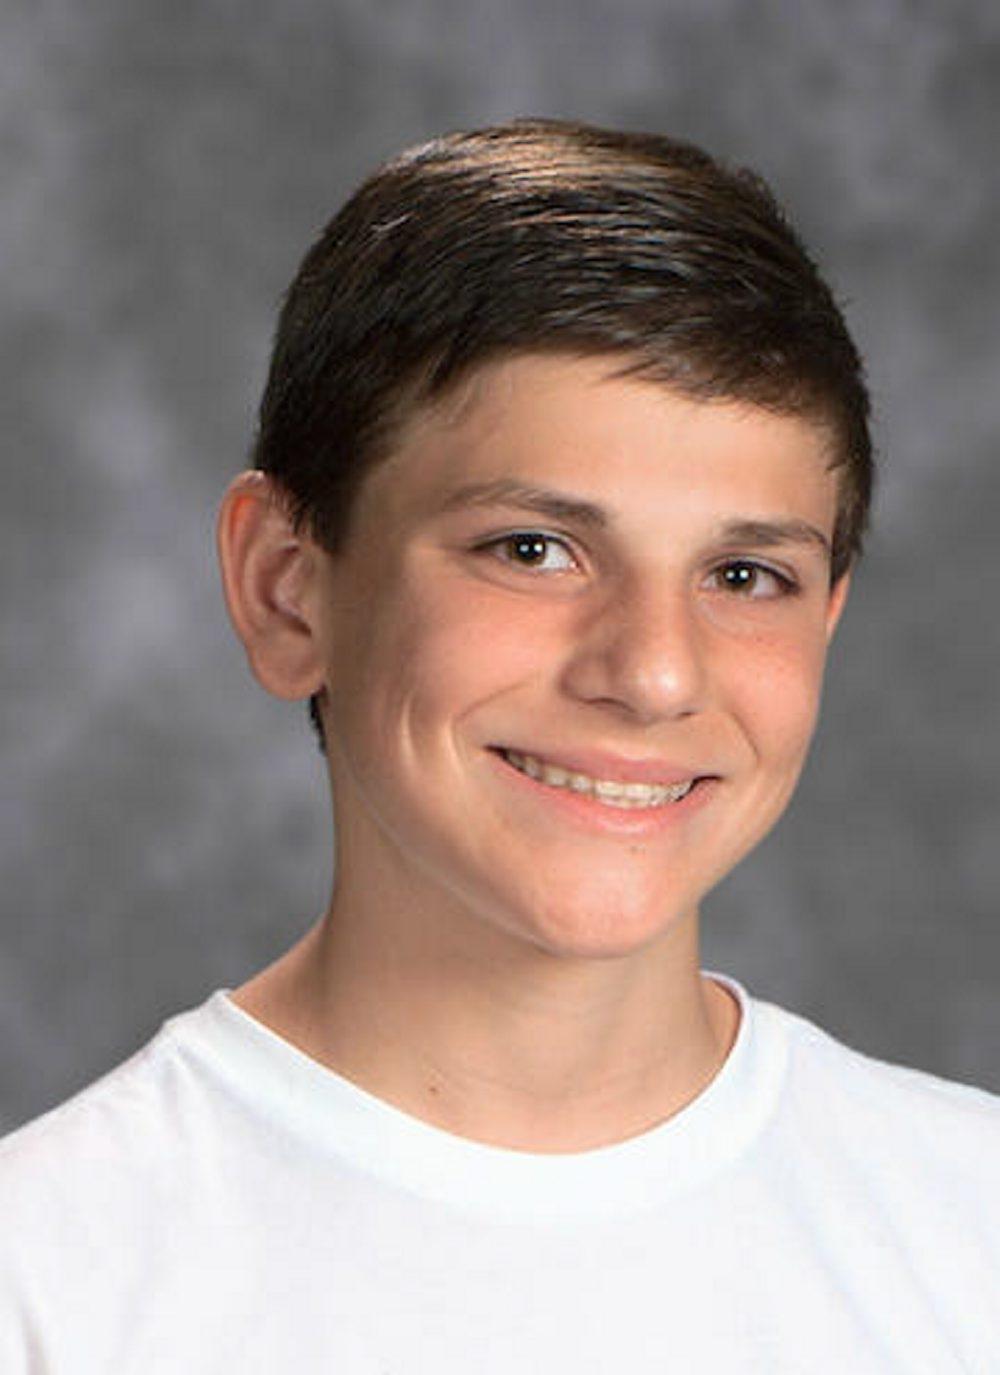 James Metz died in a tragic plane crash.